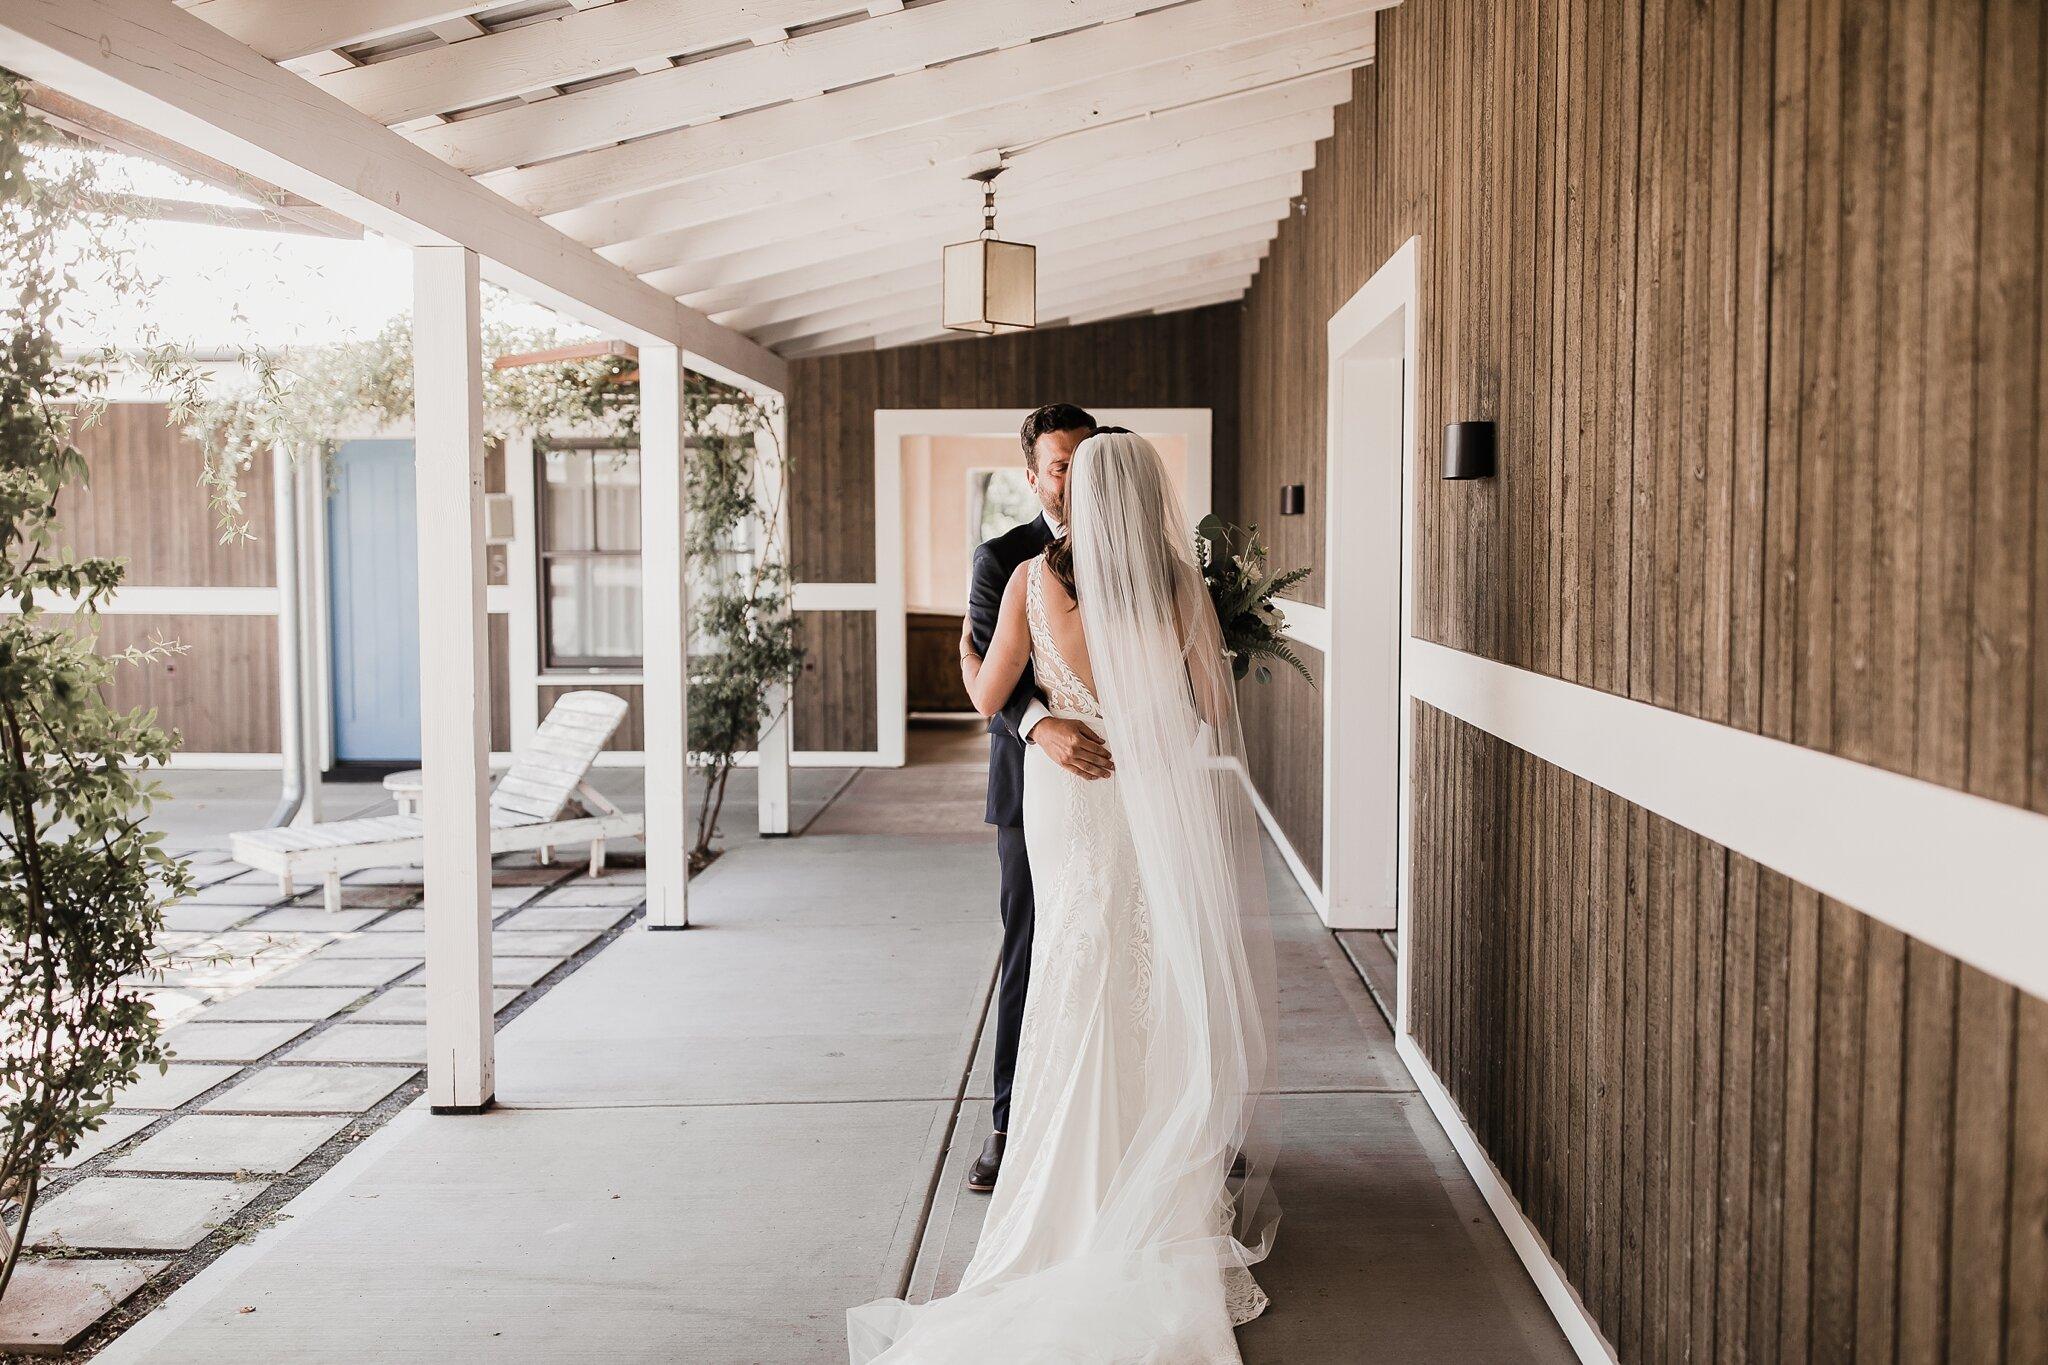 Alicia+lucia+photography+-+albuquerque+wedding+photographer+-+santa+fe+wedding+photography+-+new+mexico+wedding+photographer+-+new+mexico+wedding+-+wedding+-+albuquerque+wedding+-+los+poblanos+-+los+poblanos+wedding+-+fall+wedding_0029.jpg